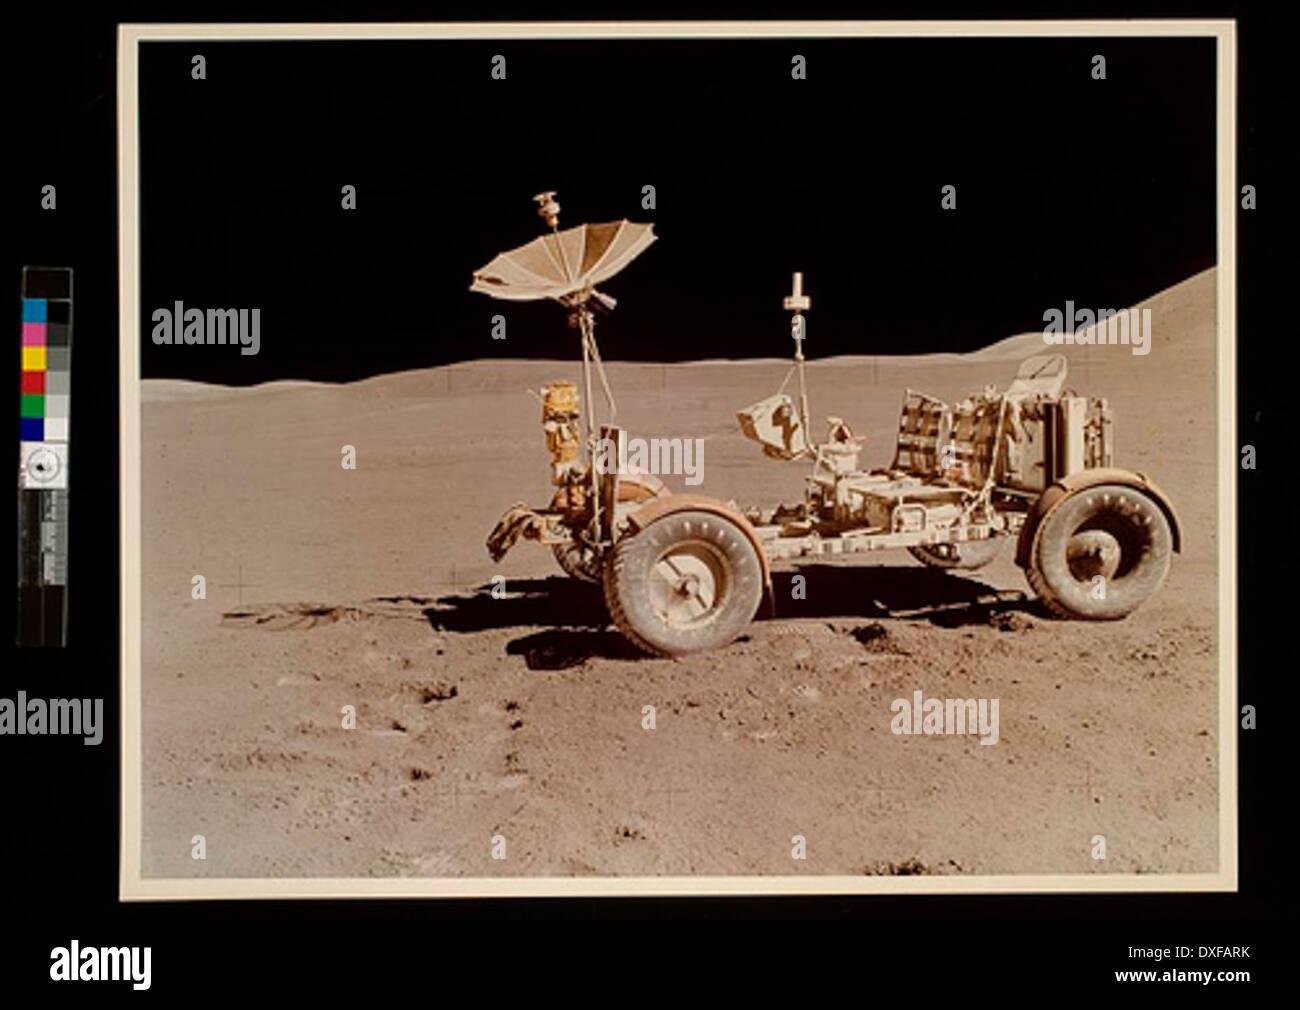 Vehículo itinerante Lunar (LRV) durante la misión Apolo 15, julio, 1971 Imagen De Stock